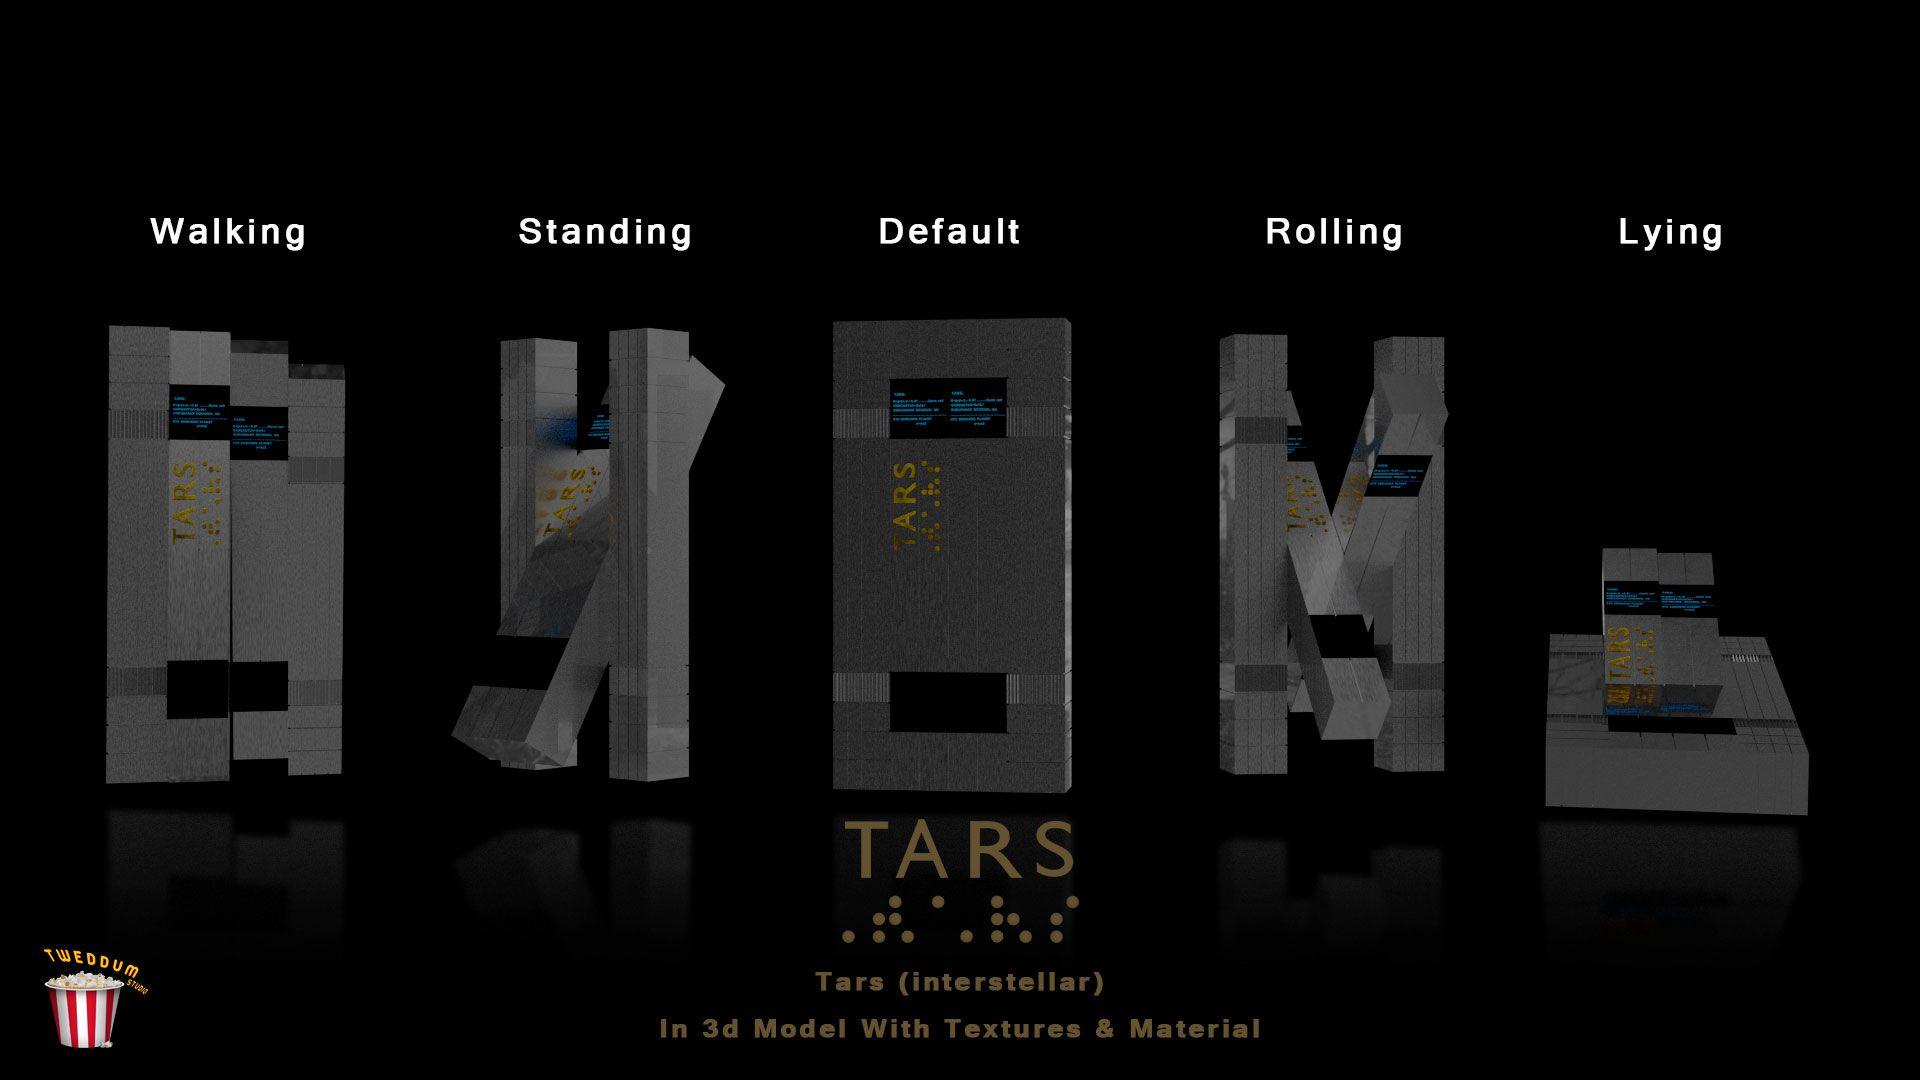 Tars interstellar dimensions